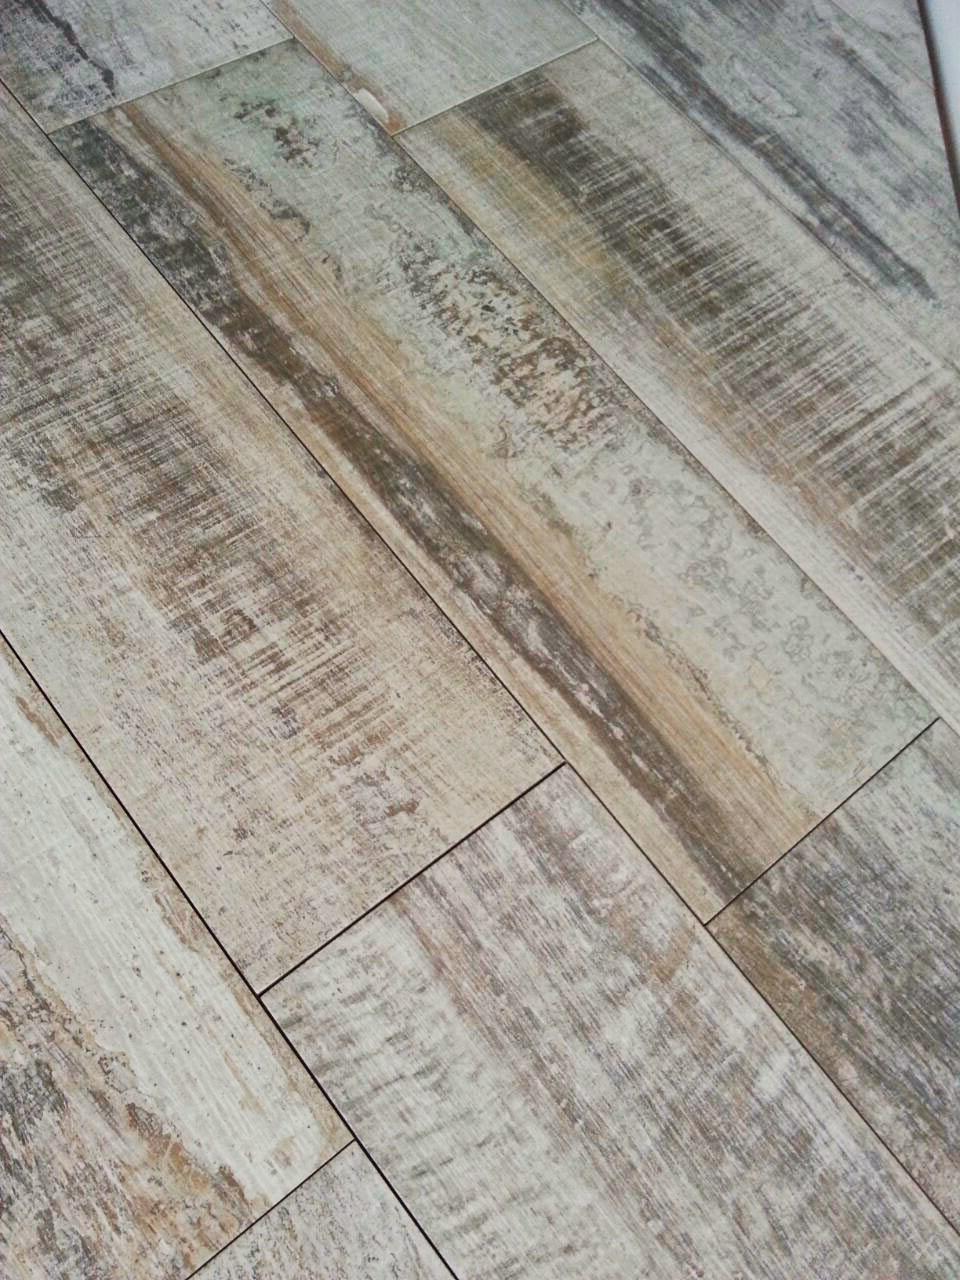 mircoles de abril de with suelos de ceramica imitacion madera - Suelos Ceramicos Imitacion Madera